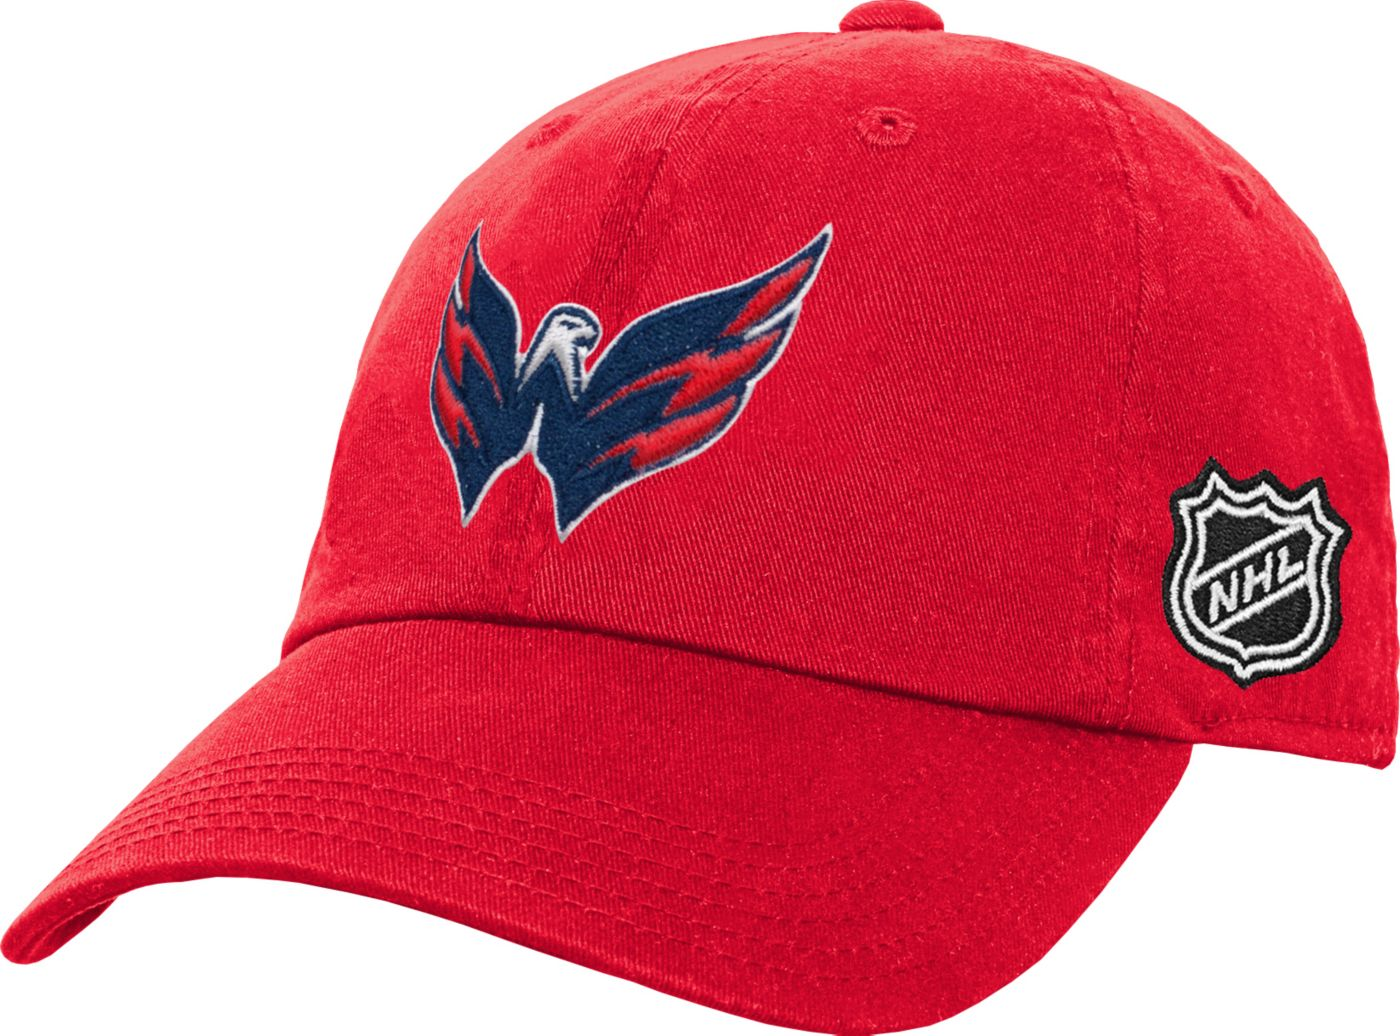 NHL Youth Washington Capitals Basic Adjustable Hat